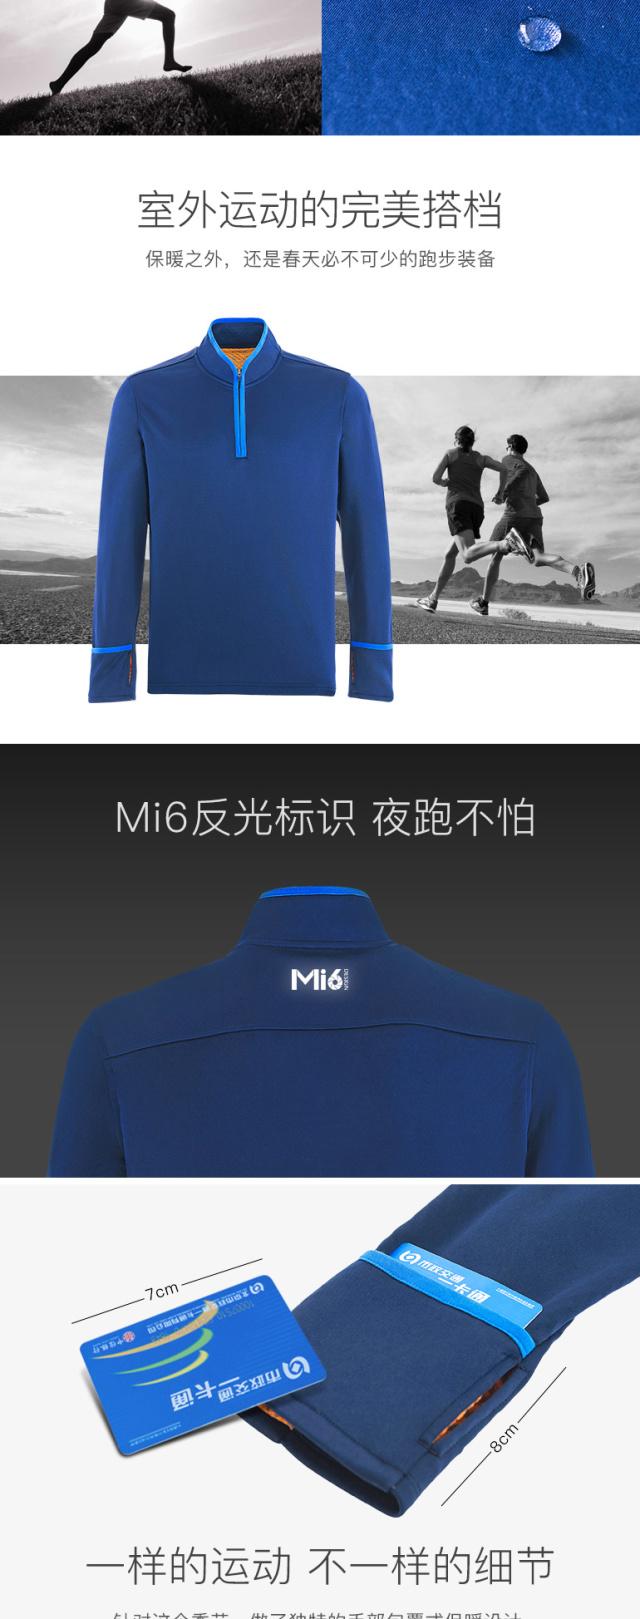 Mi6Design2in1动衣